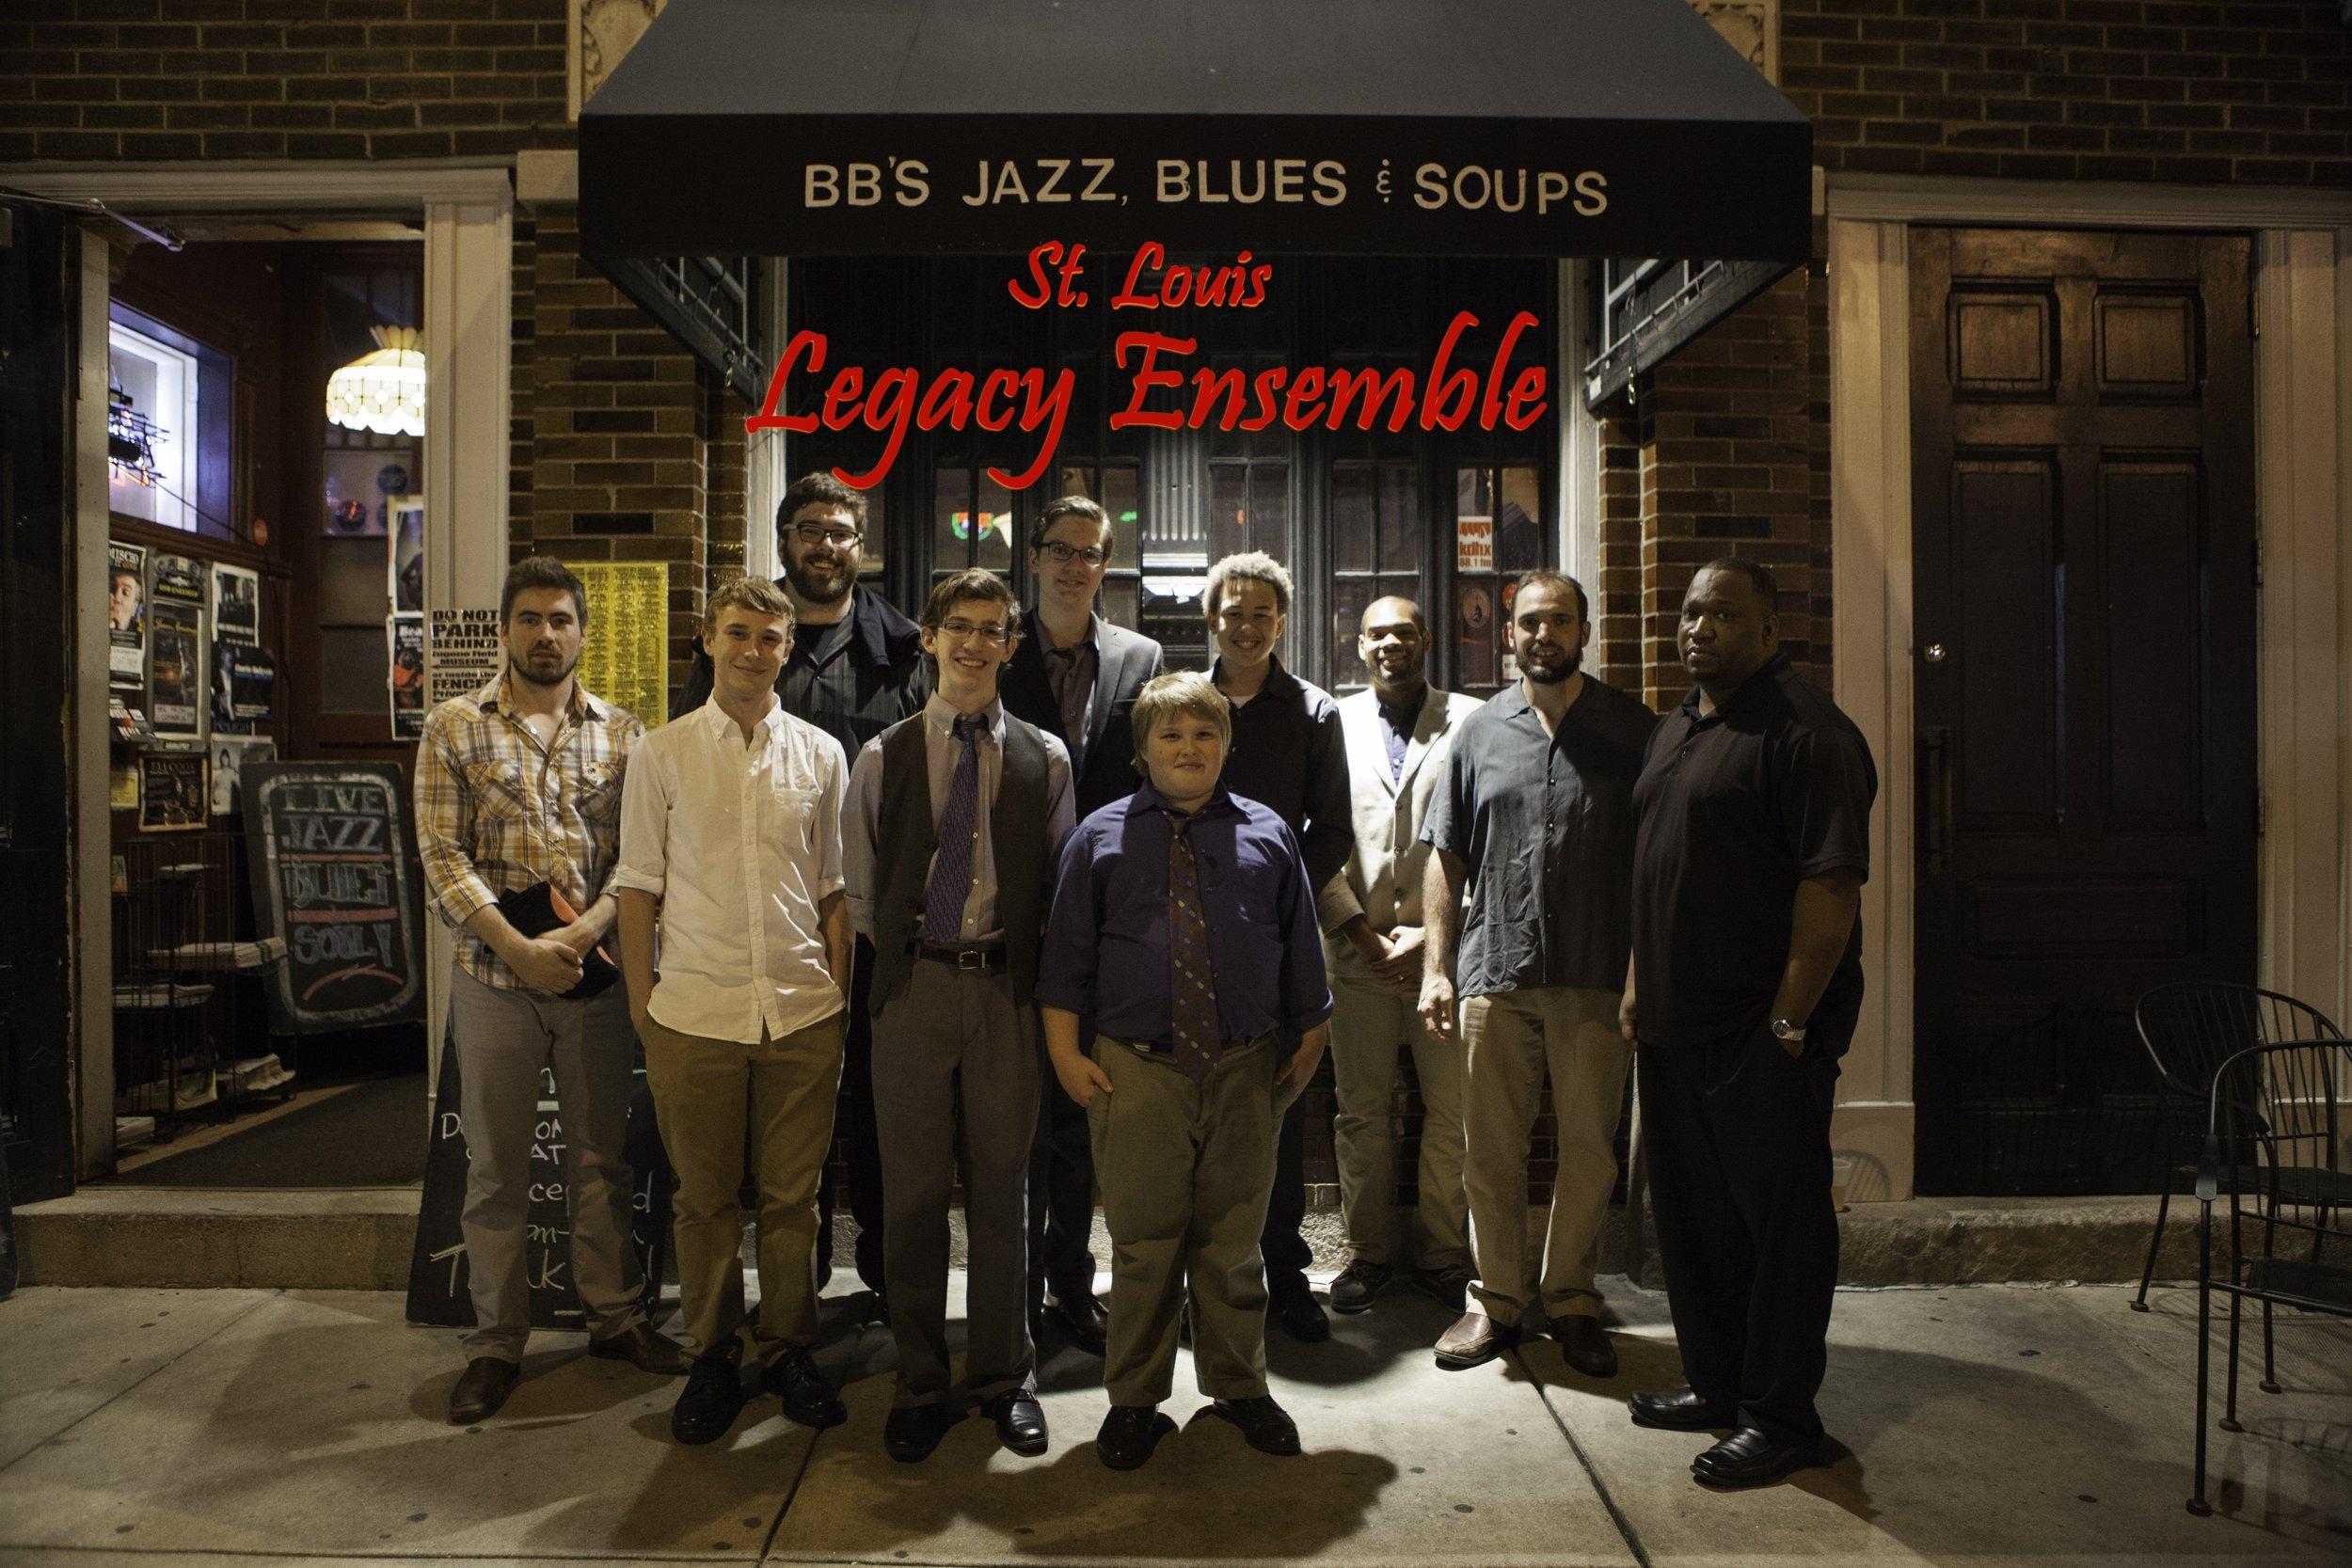 St. Louis Legacy Ensemble at BB's